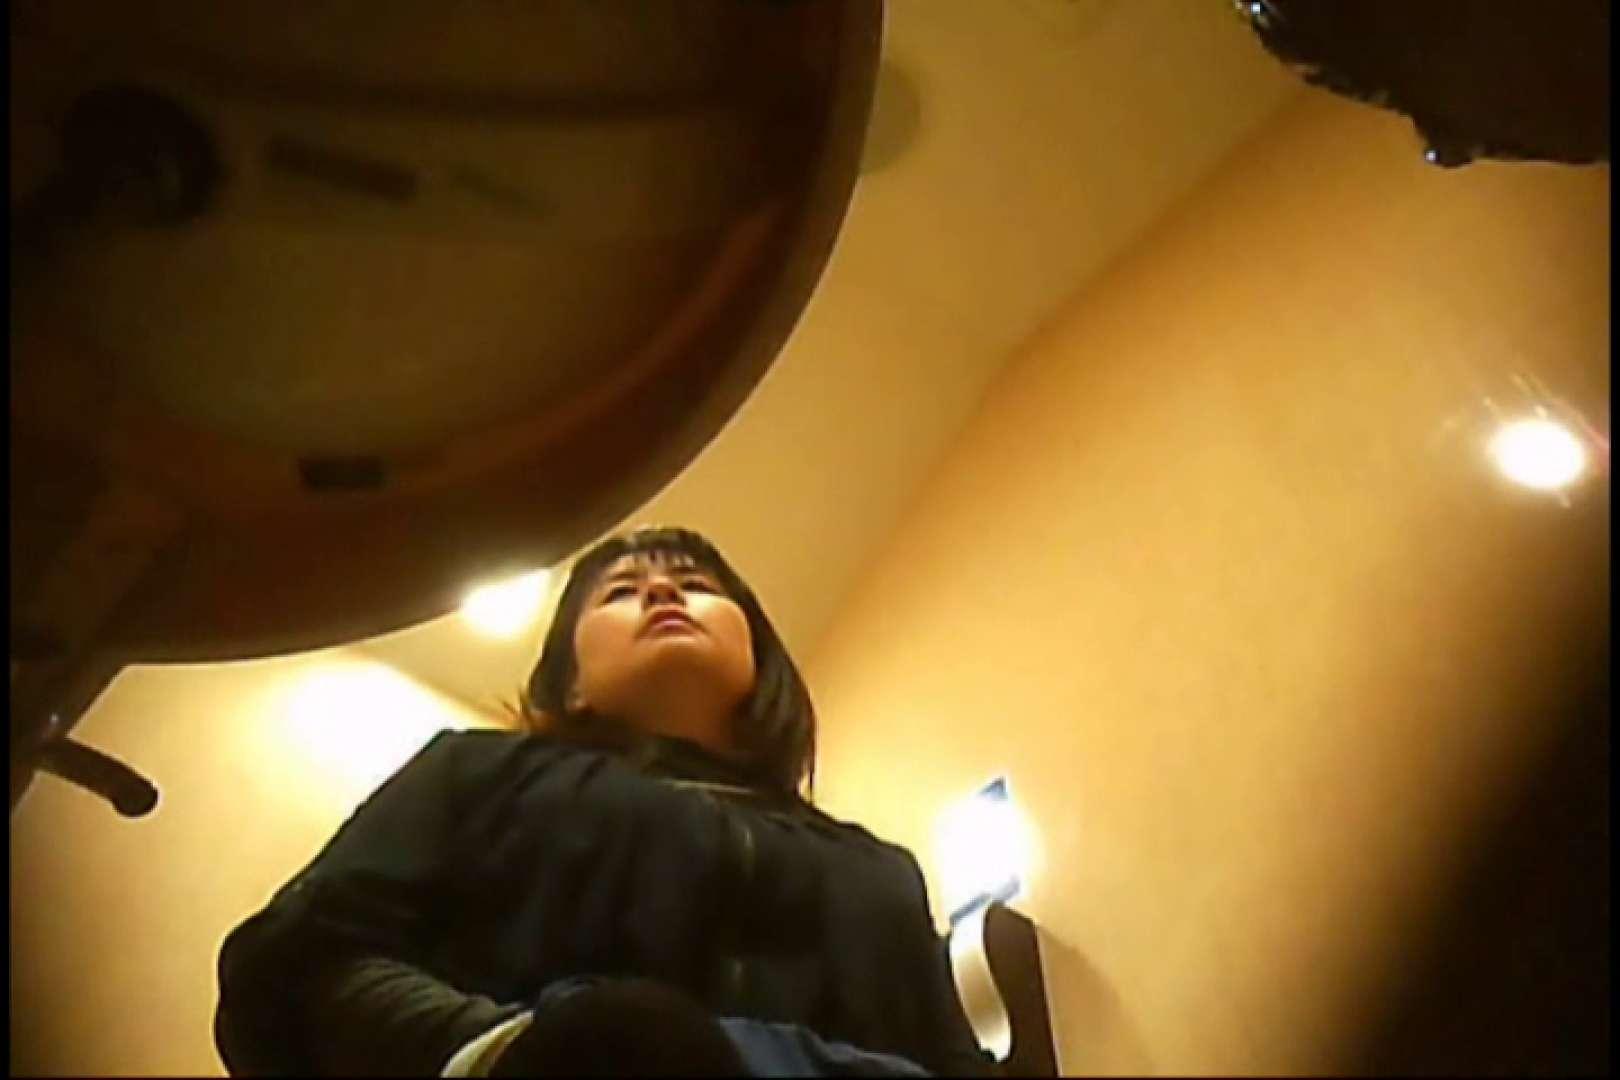 潜入!!女子化粧室盗撮~絶対見られたくない時間~vo,10 お尻 盗み撮りAV無料動画キャプチャ 80画像 10